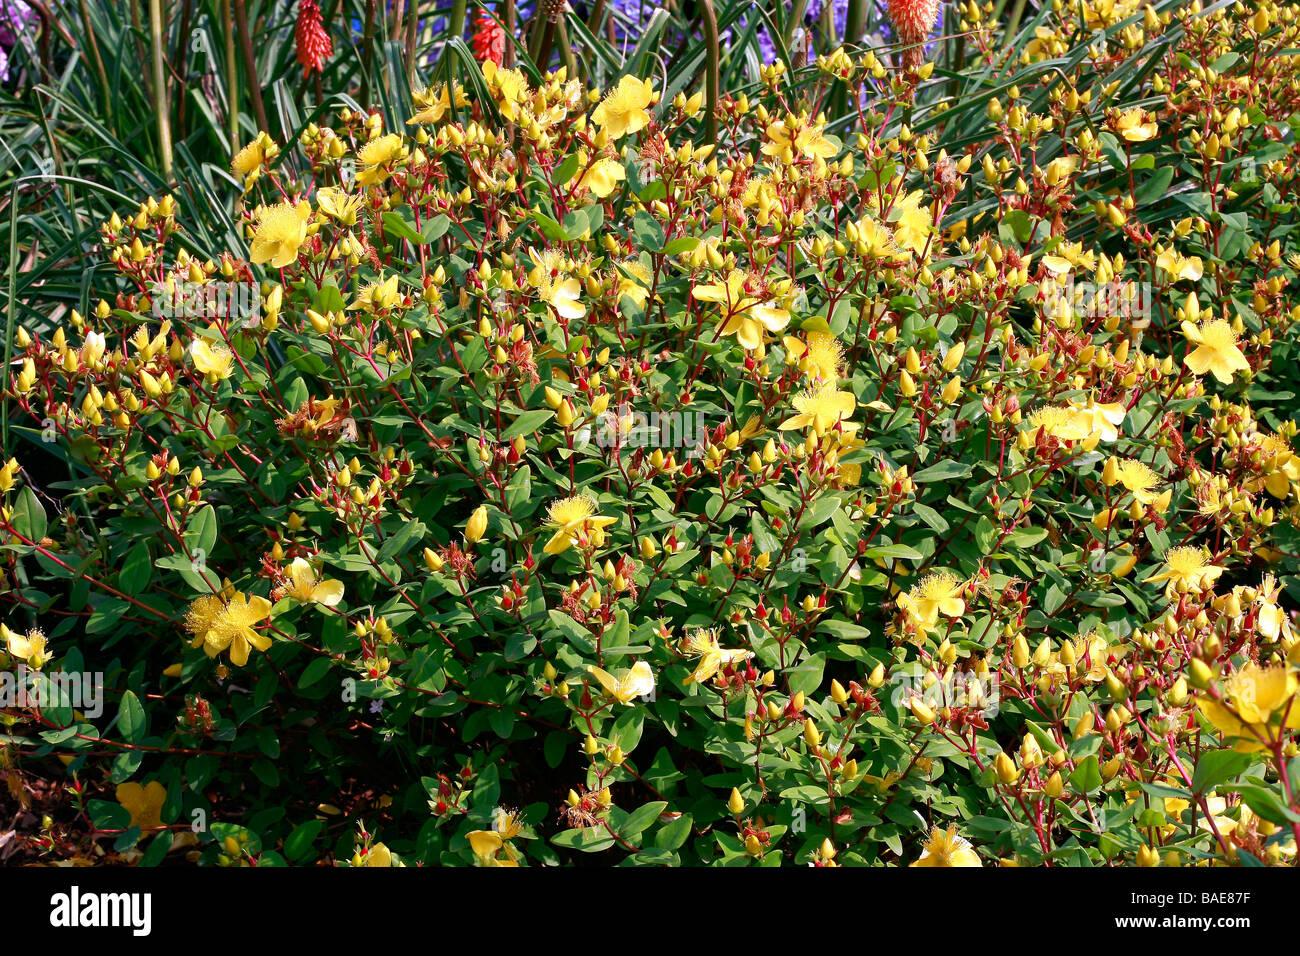 Hypericum beanii Gold Cup 20 seeds